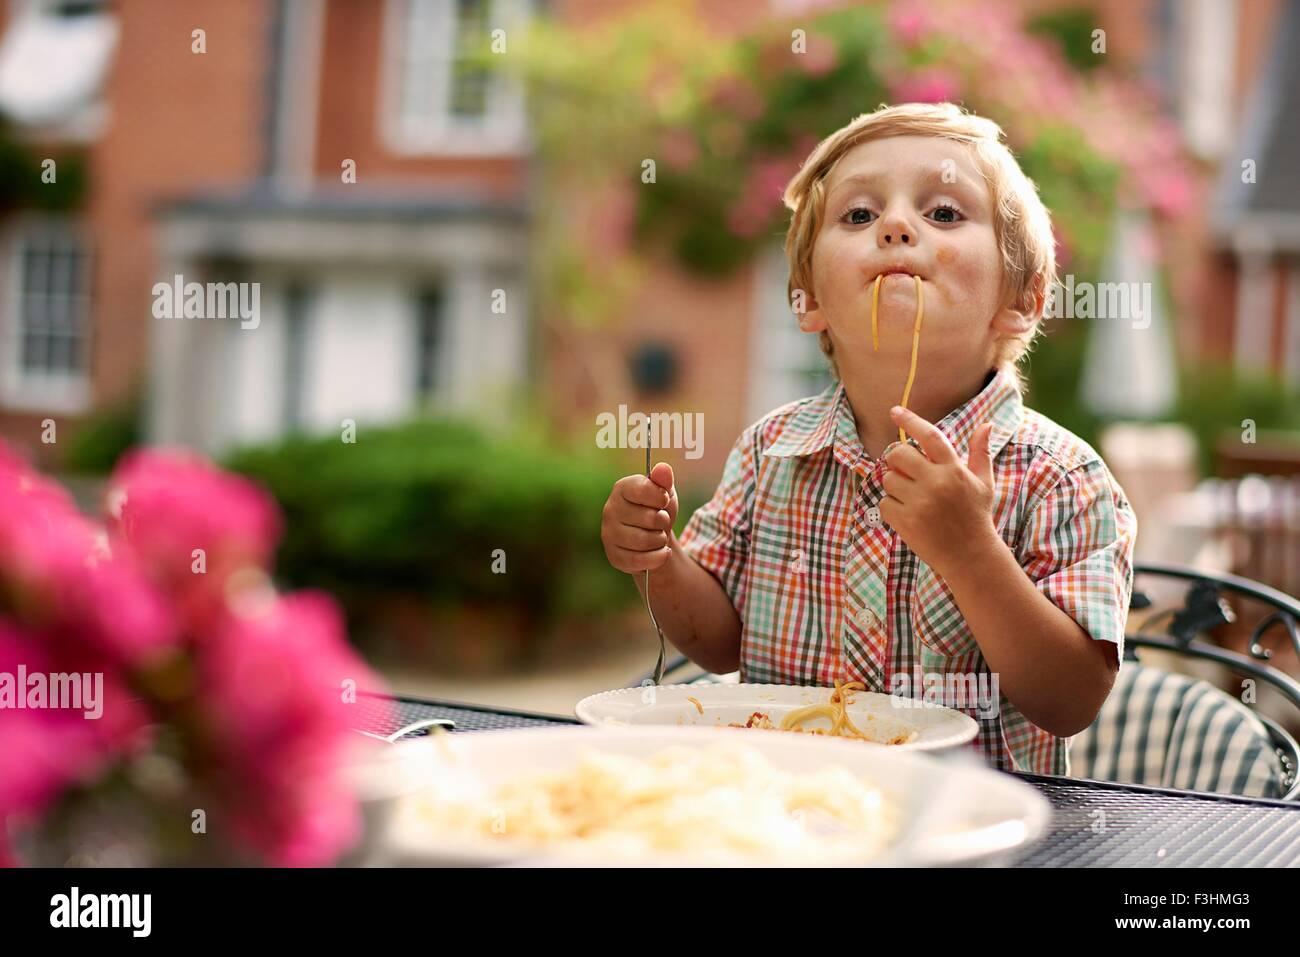 Ragazzo seduto al tavolo da giardino aspirare spaghetti guardando la fotocamera Immagini Stock